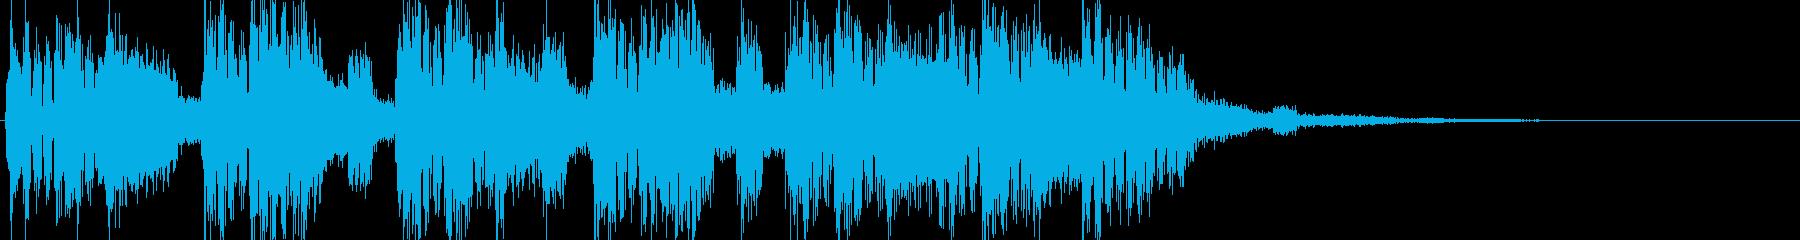 シンセ、テクノのんの再生済みの波形